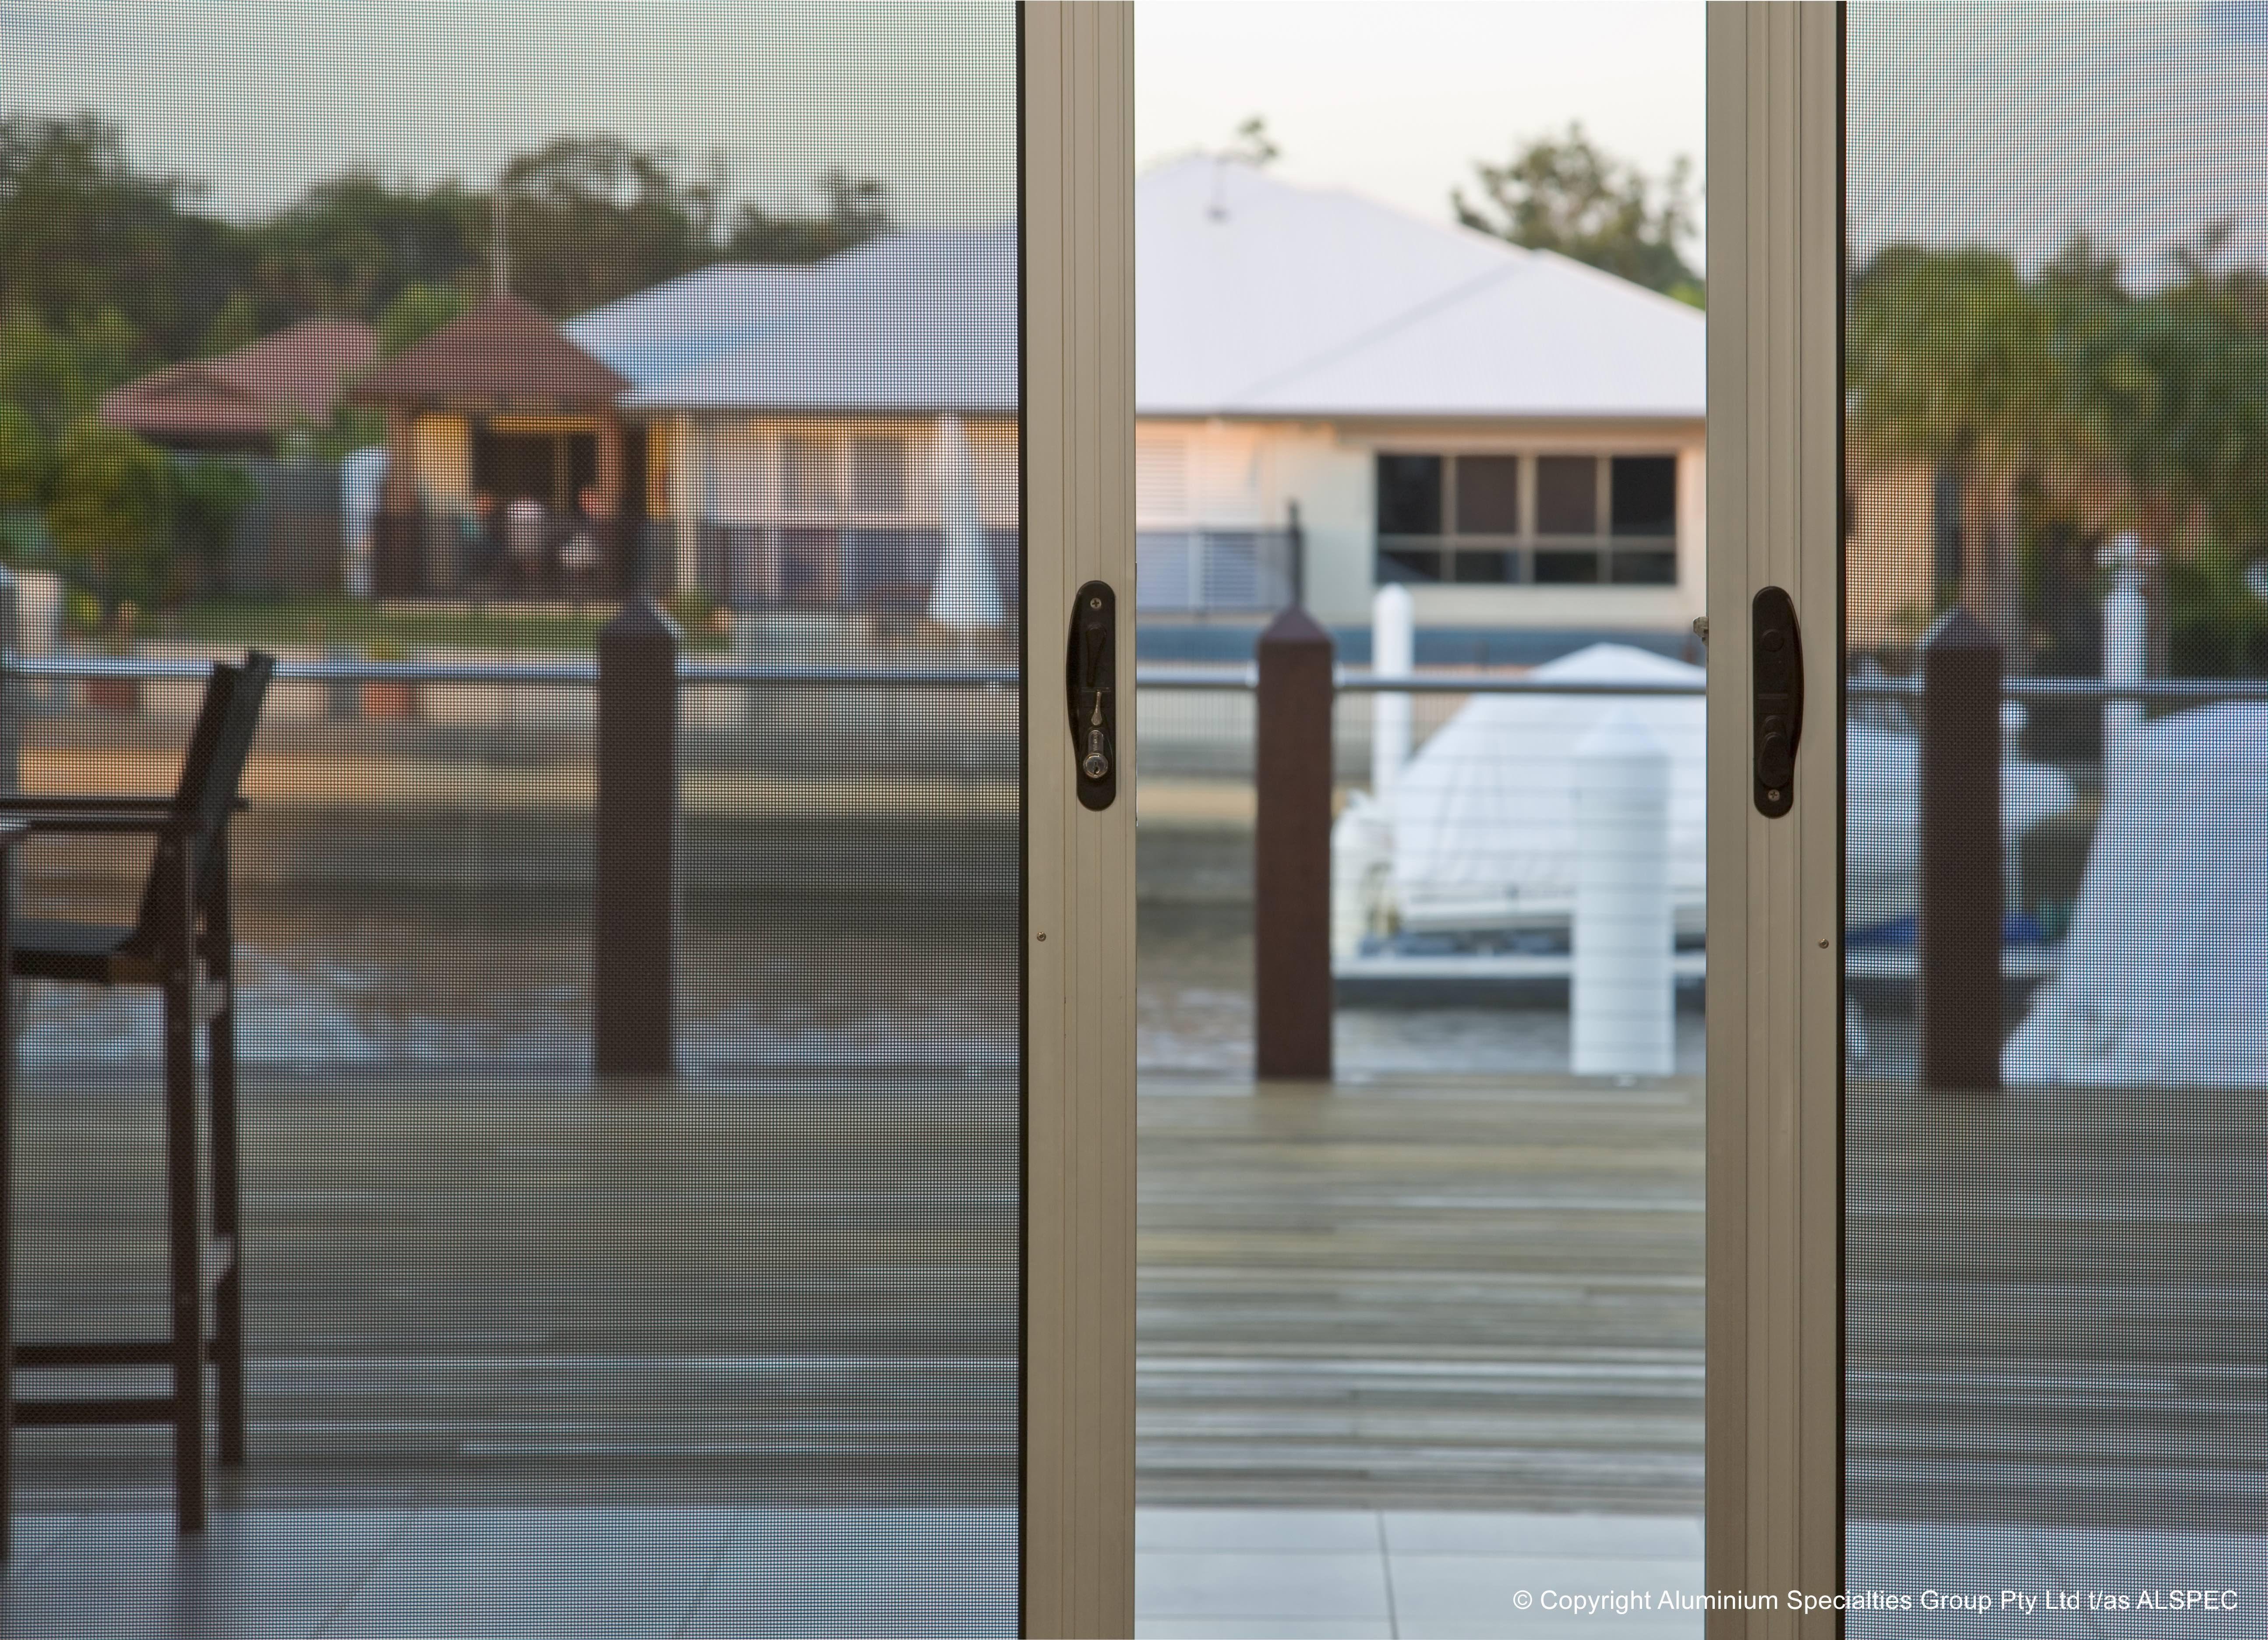 securitydoors